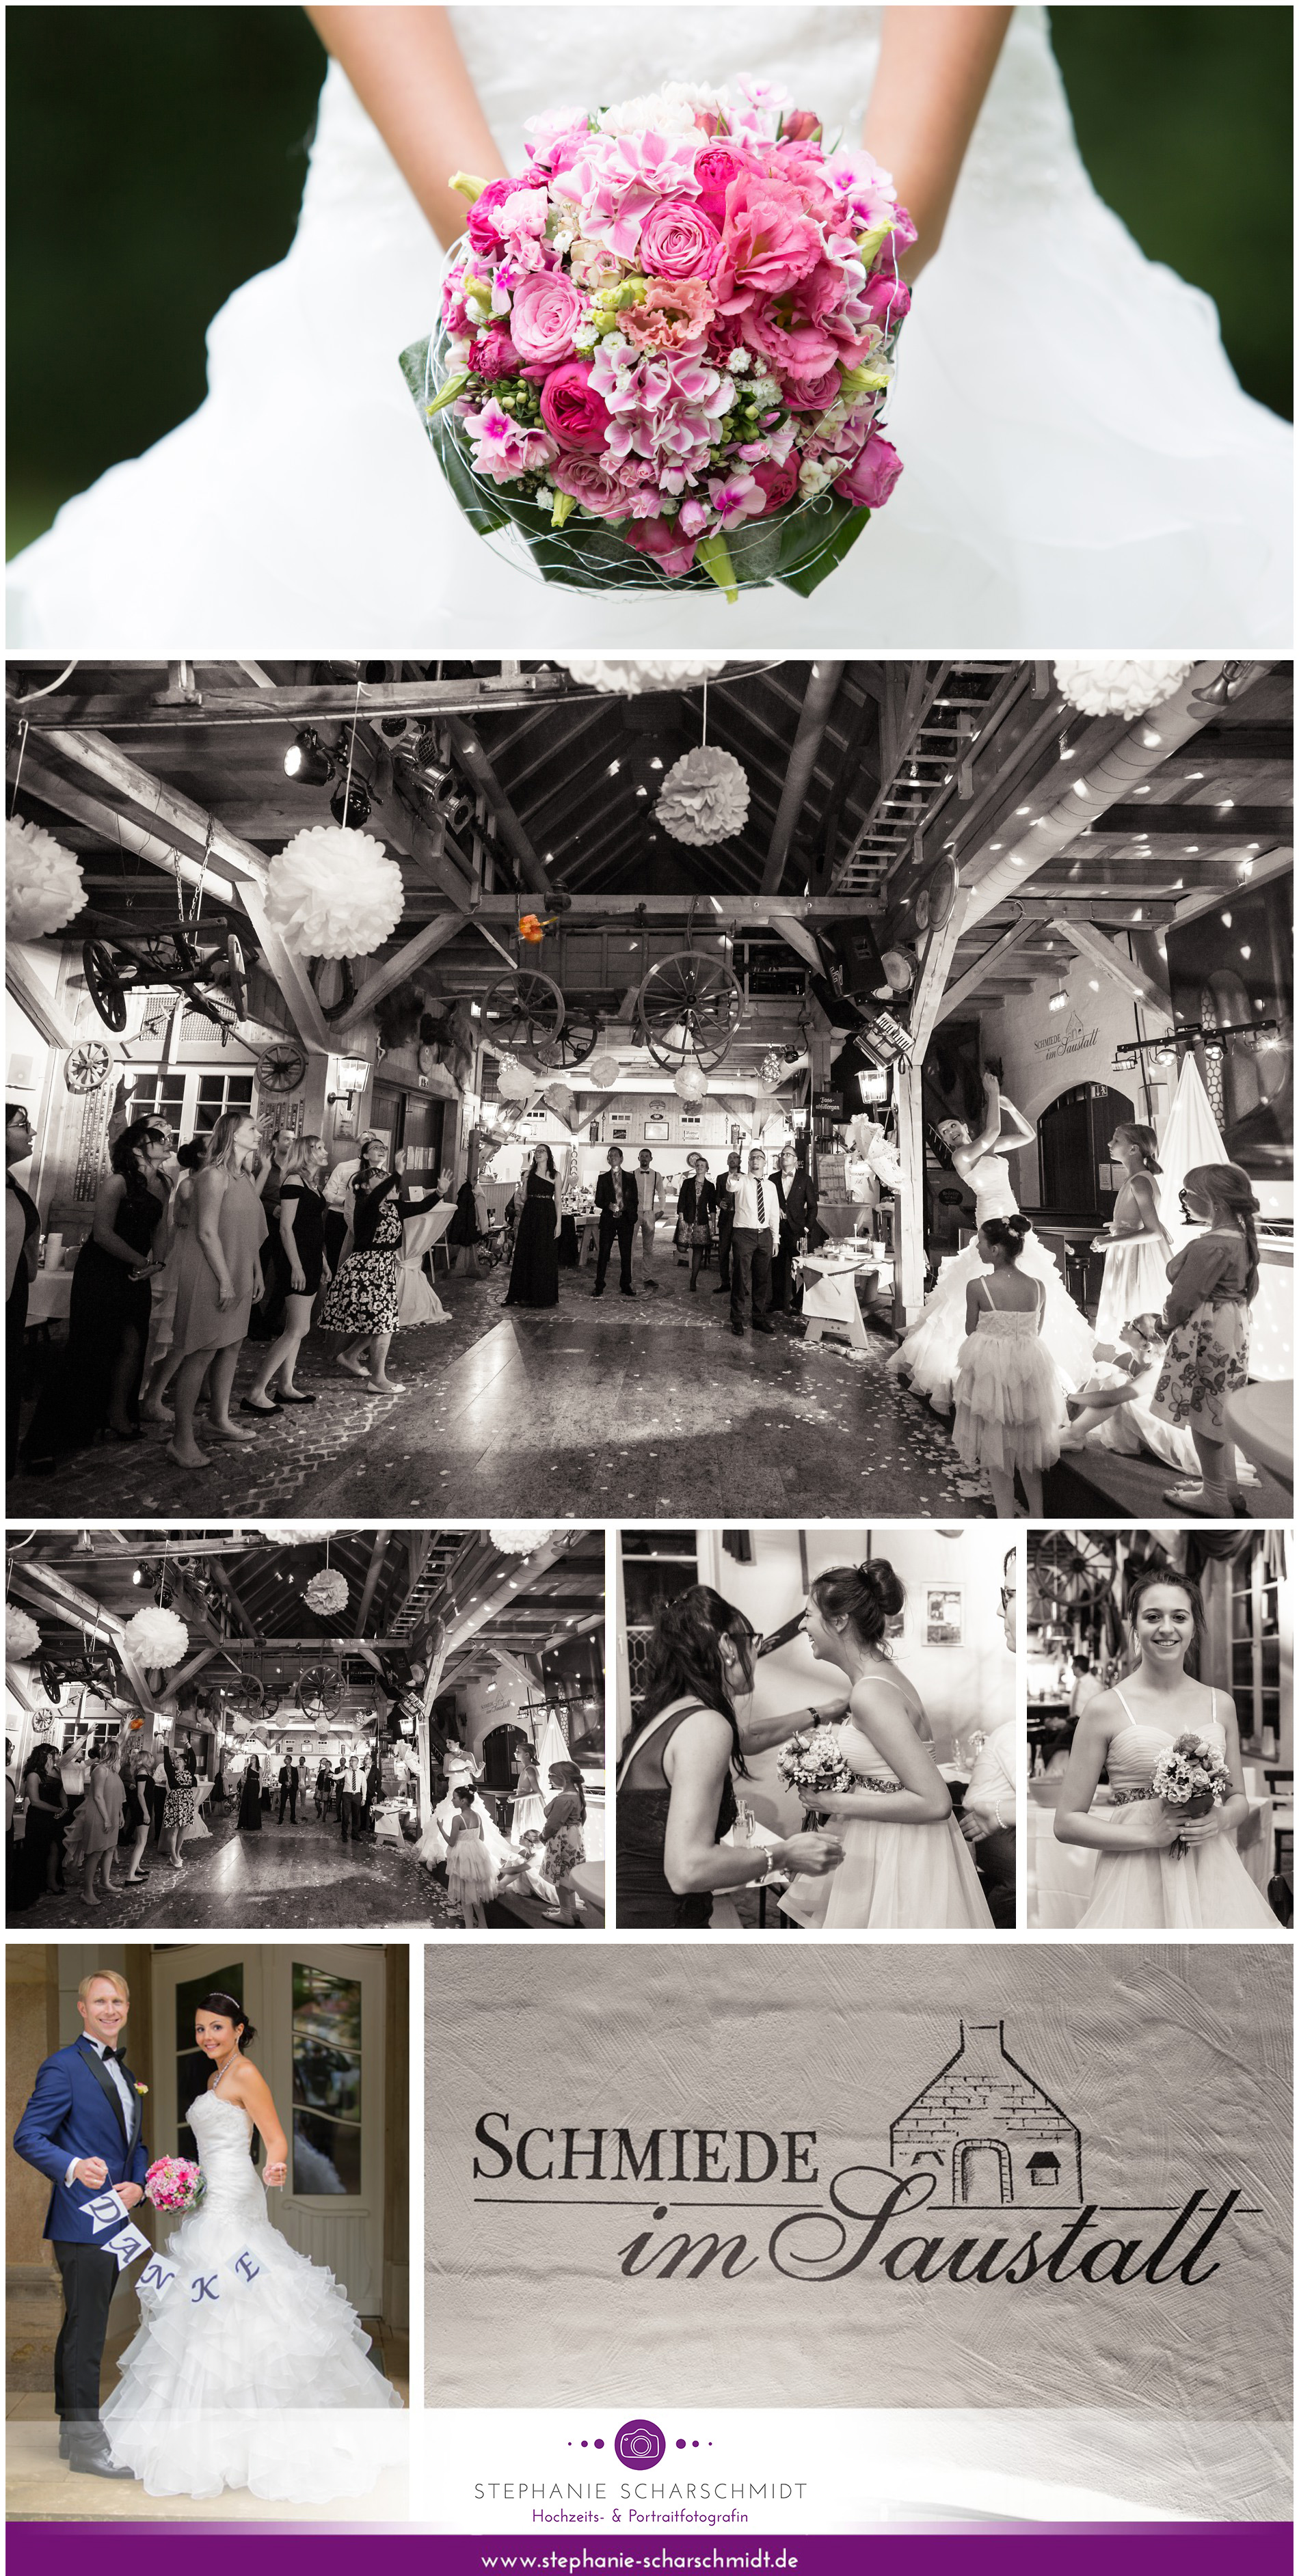 Brauerei Gutshof Wernesgrün Hochzeit  - Hochzeitsfotografen Wernesgrün - Hochzeitsfotograf Stephanie Scharschmidt